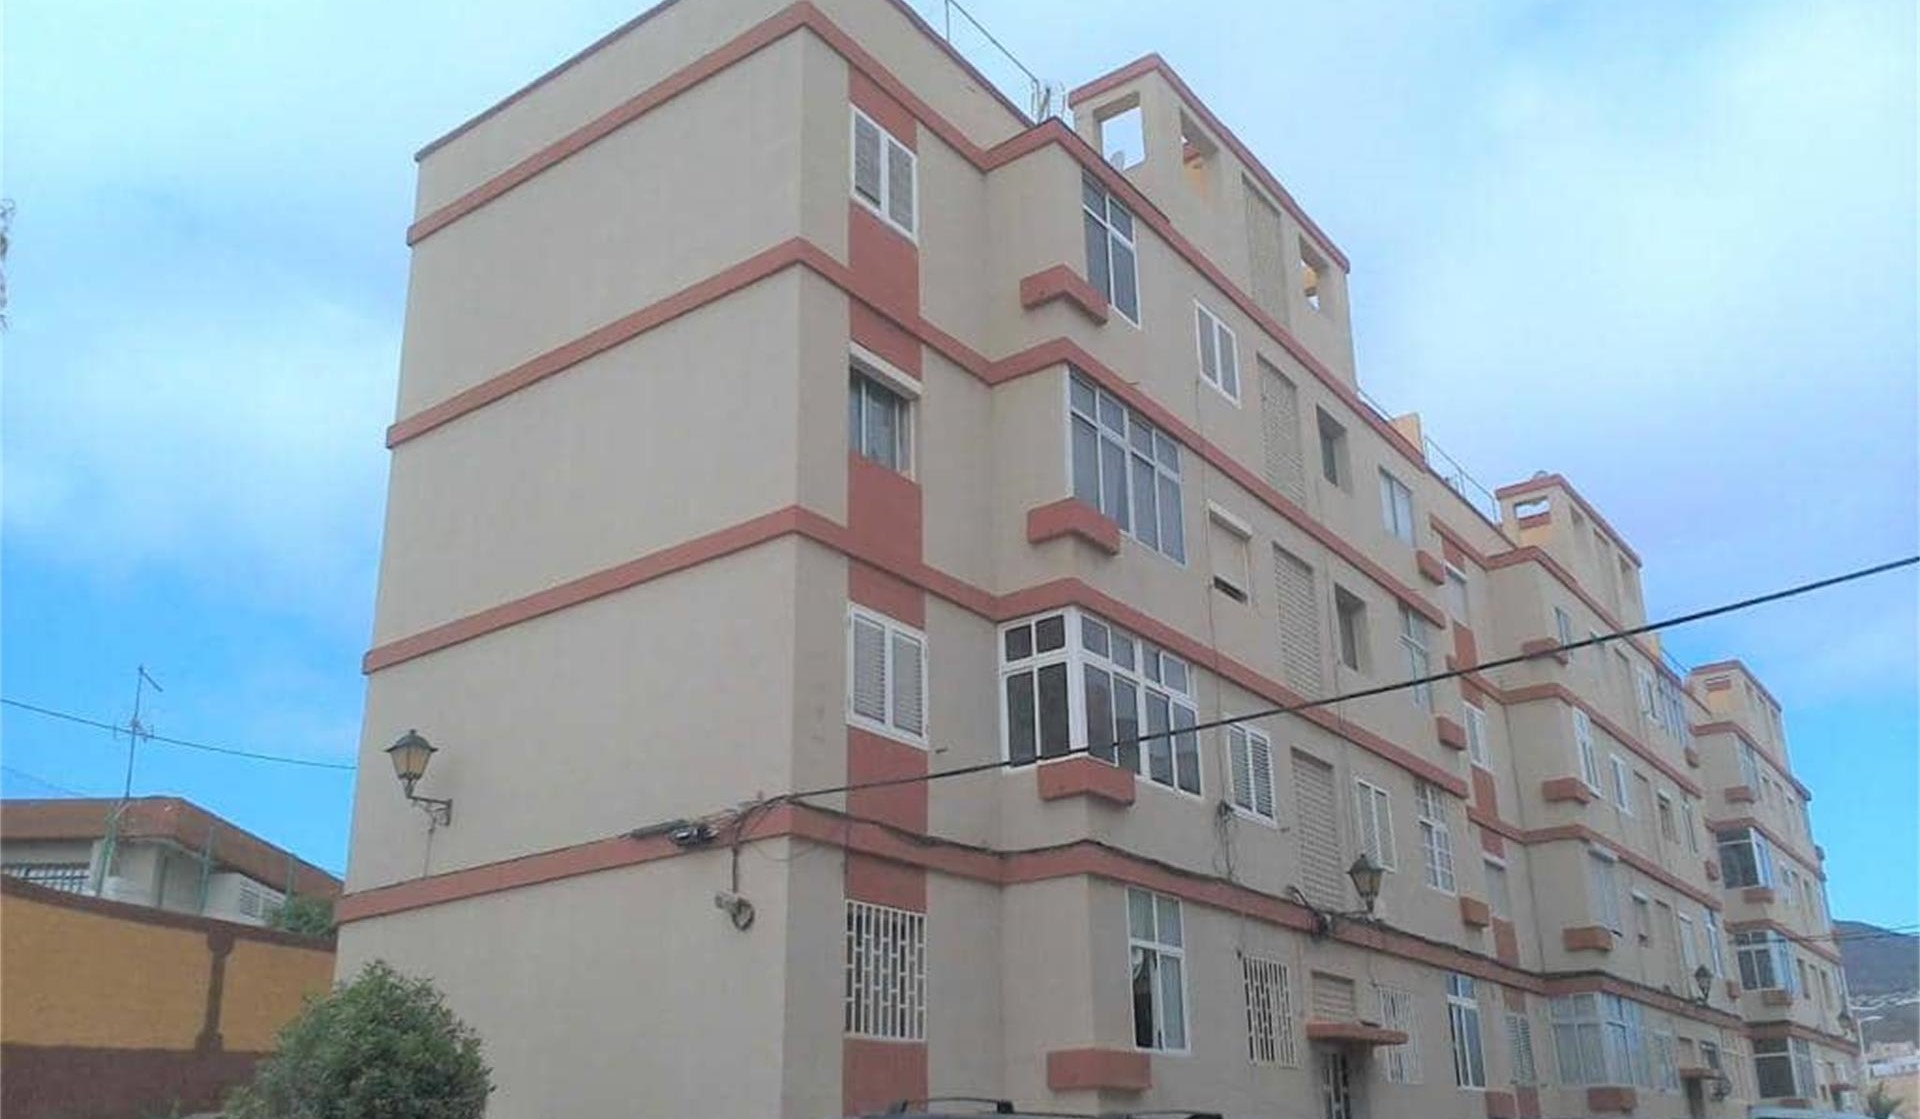 El Ayuntamiento de Telde suspende el cobro del alquiler de las viviendas municipales a las familias que no puedan afrontar el pago a consecuencia del coronavirus